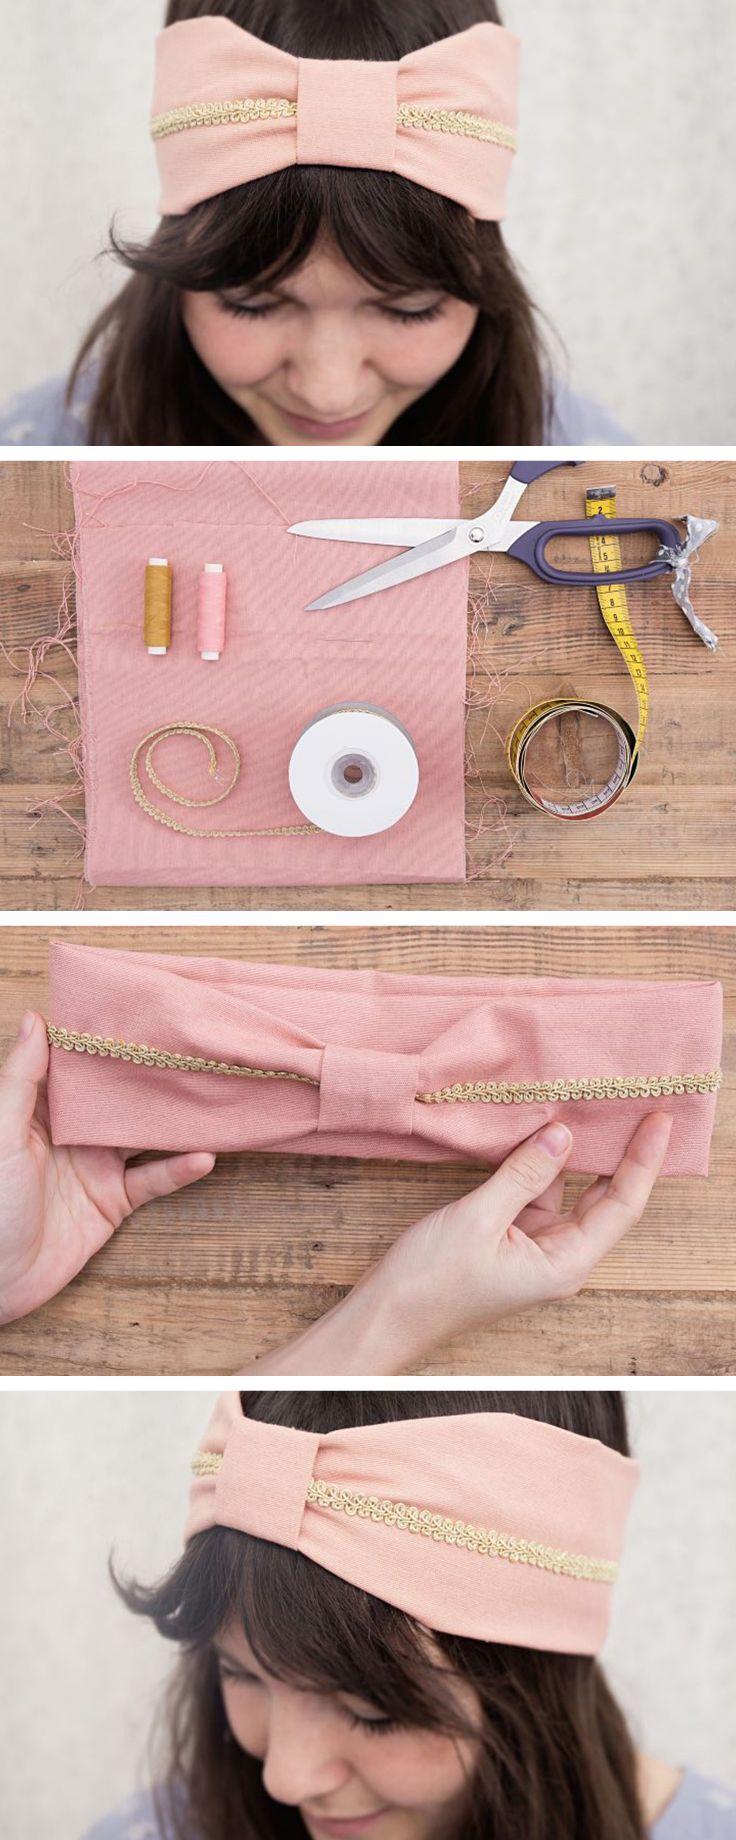 Stile vintage e dettagli preziosi: scopri come realizzare questa fascia per capelli fai da te con il nostro tutorial - http://it.dawanda.com/tutorial-fai-da-te/cucire/realizzare-fascia-capelli-tessuto-passamaneria-dorata